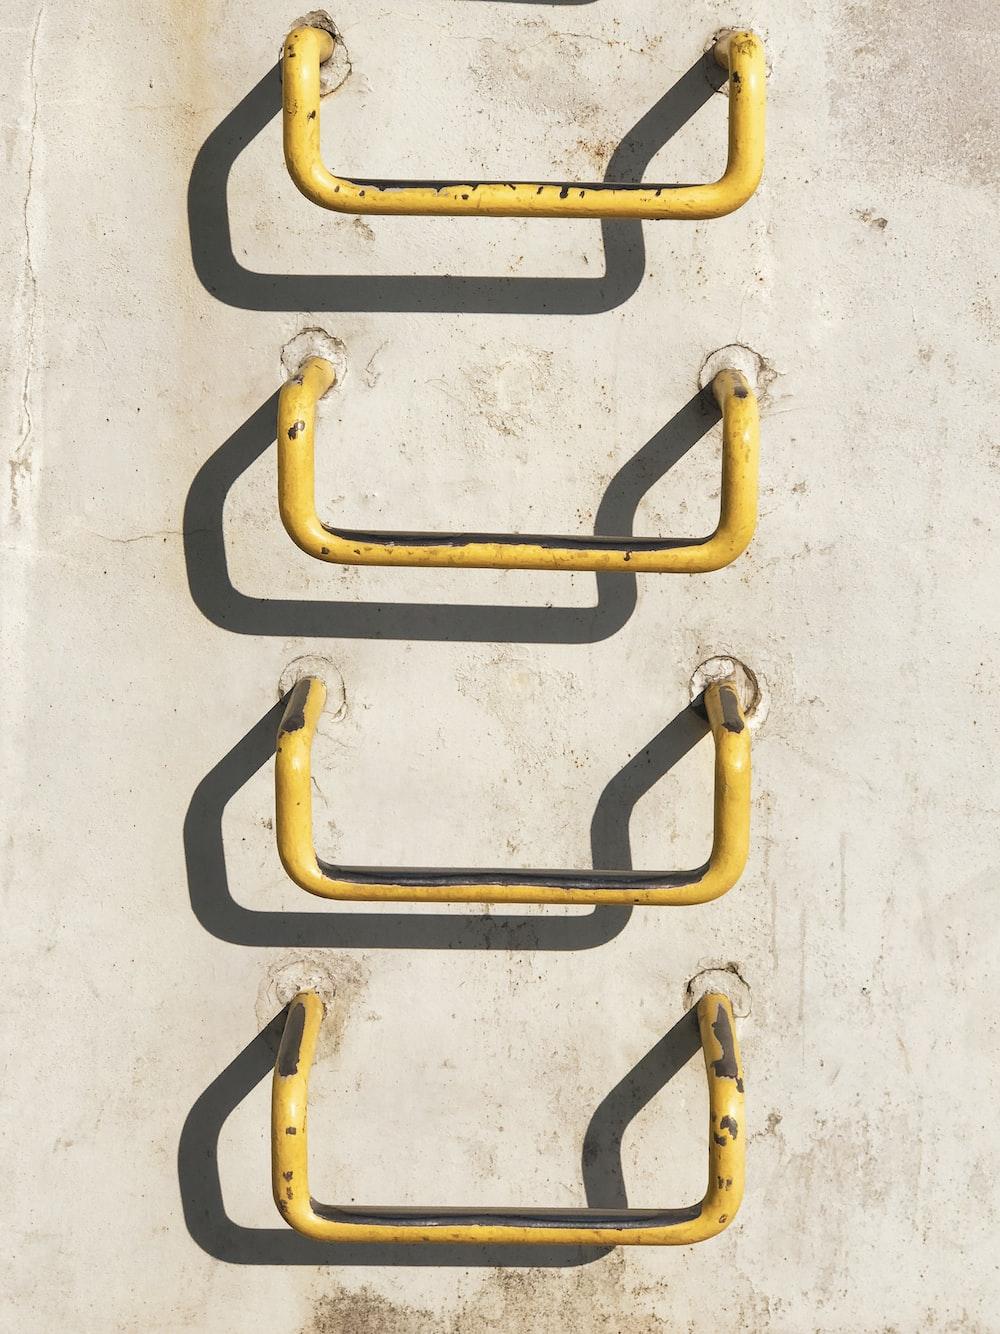 four yellow metal grab bars